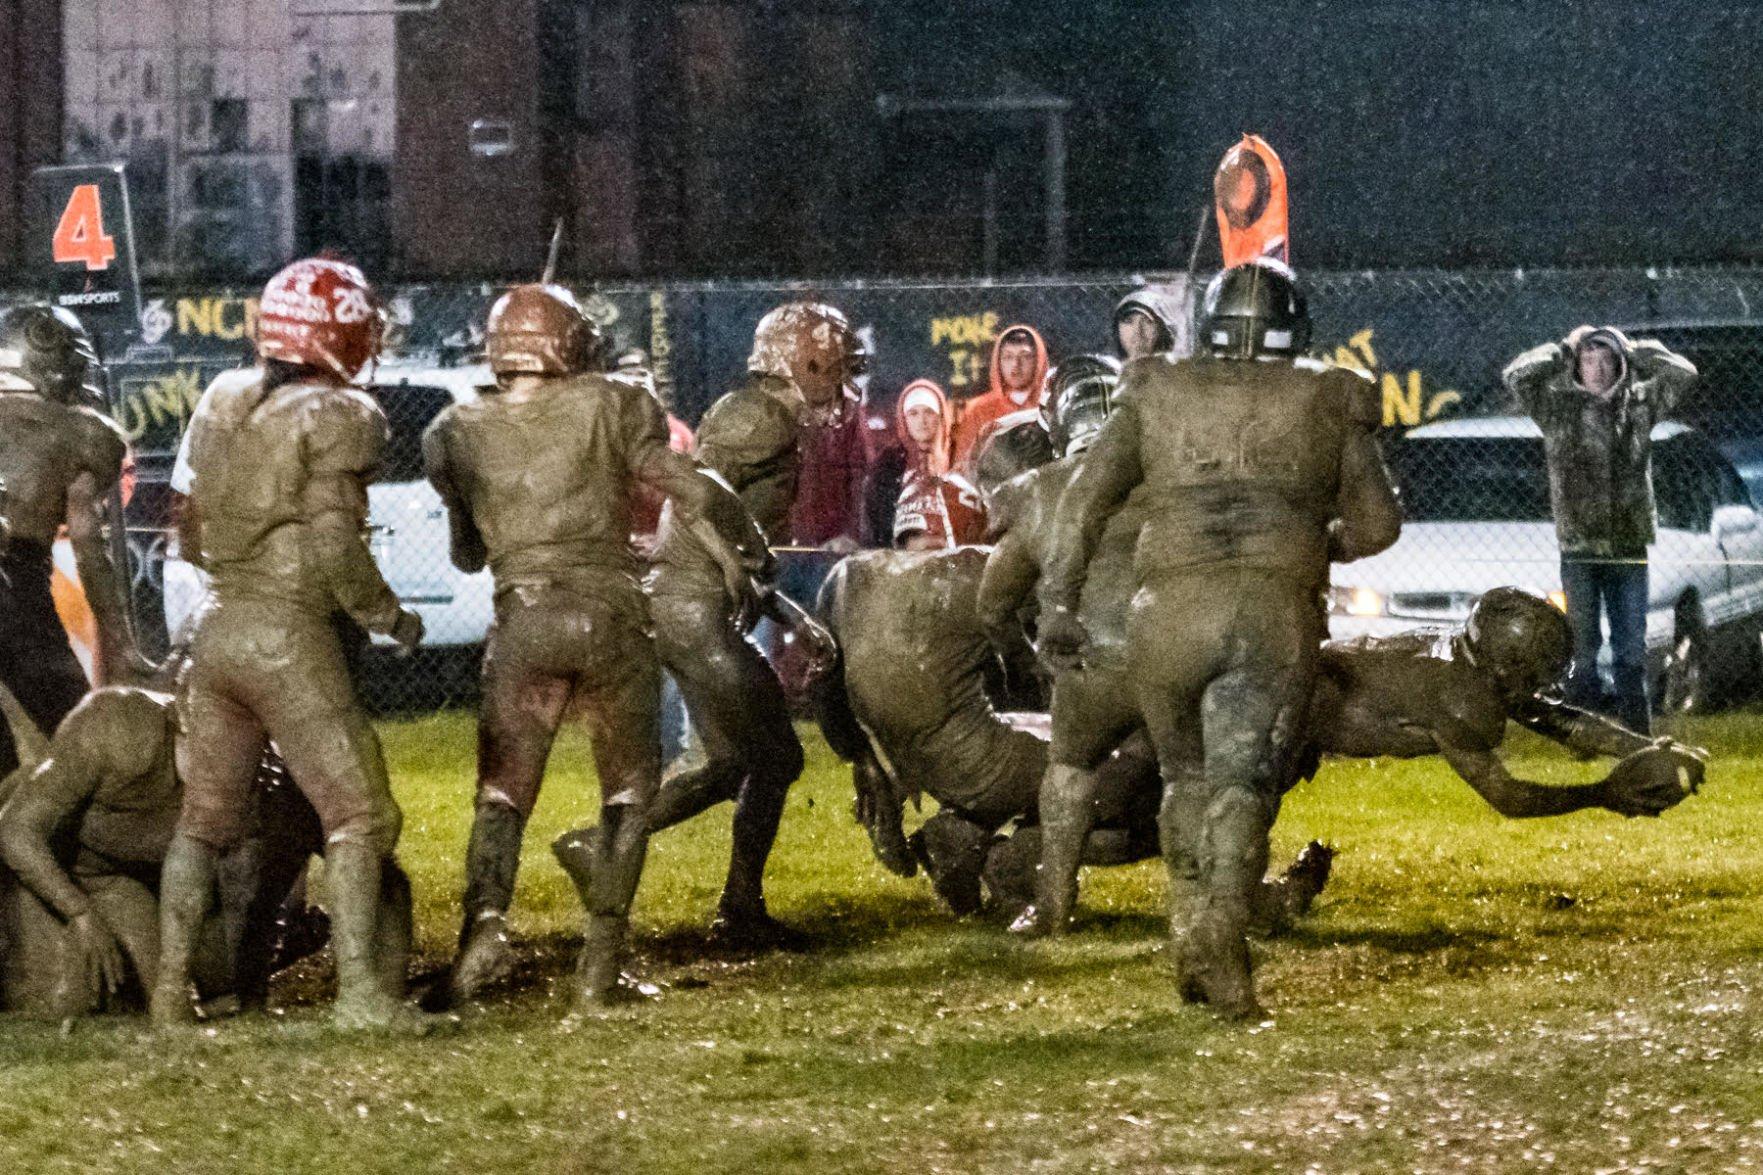 Getting moist muddy in my football uniform